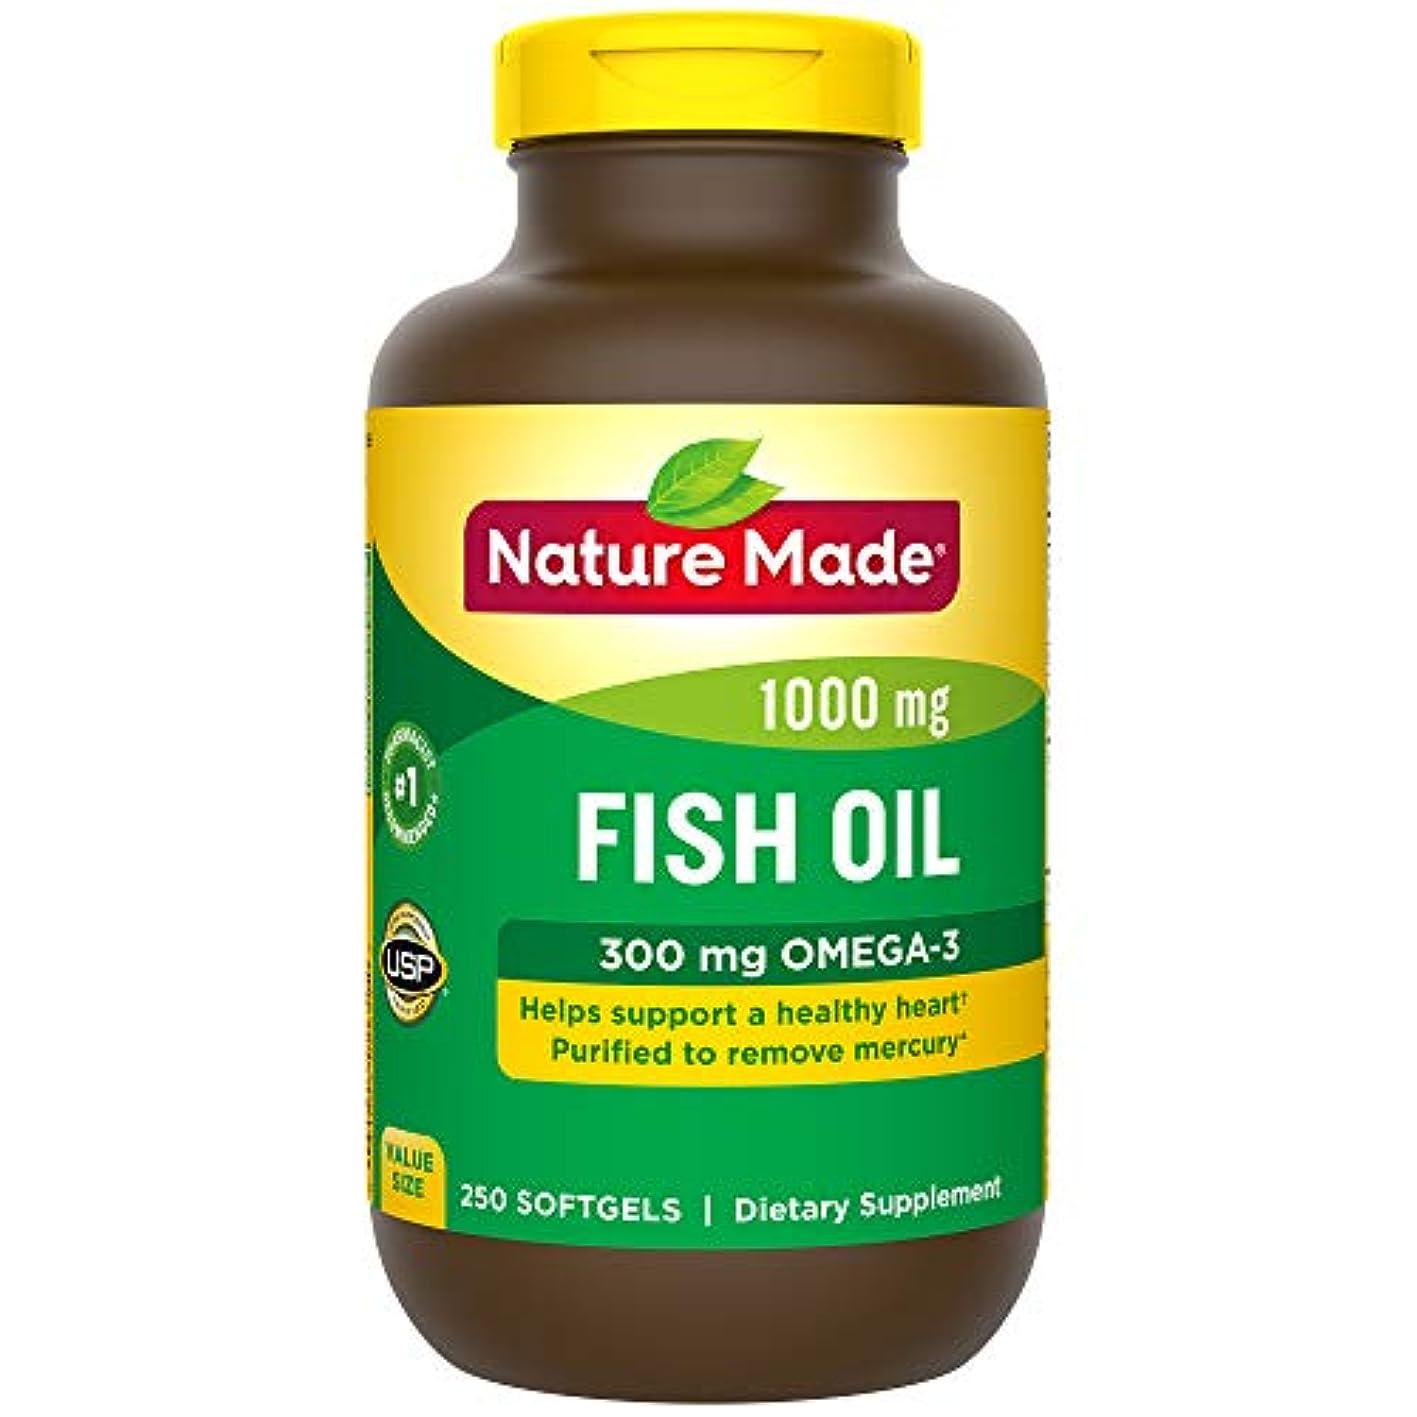 静的実験逆Nature Made Fish Oil 1000 Mg, Value Size, Softgels, 250-Count 海外直送品